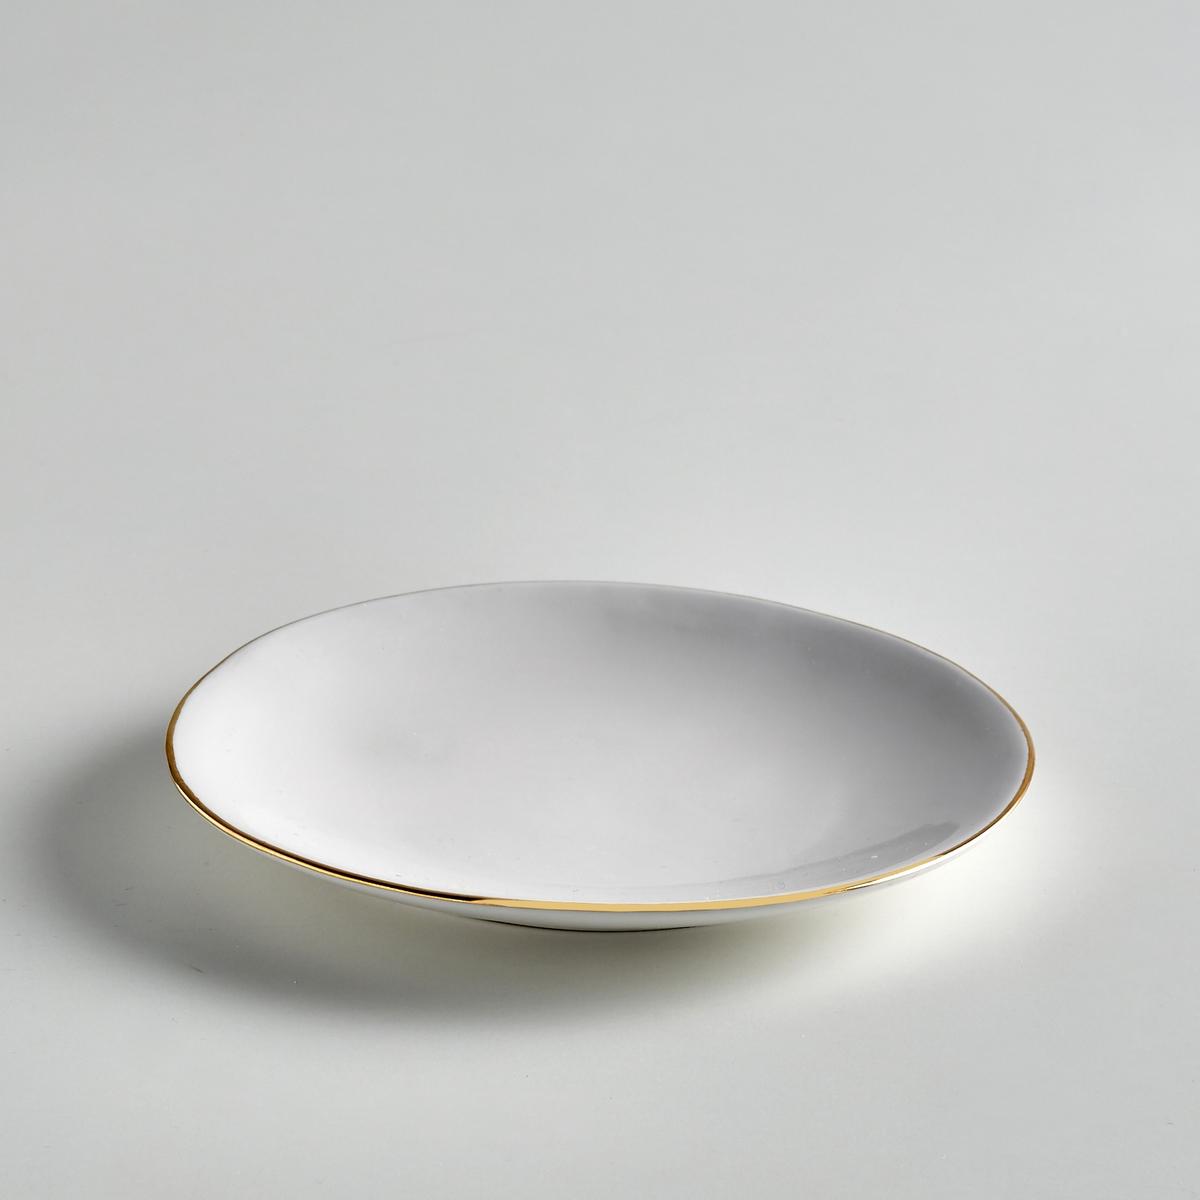 Комплект из 4 десертных тарелок из фаянса, CatalpaКомплект из 4 десертных тарелок Catalpa. Элегантная и неподвластная времени посуда из фаянса, покрытого белой глазурью, с тонкой каймой золотистого цвета. Органичная форма и неравномерные контуры придают этим тарелкам нотку оригинальности. Сделано в Португалии. - Размеры : ?21 x В.2,5 см.<br><br>Цвет: золотисто-белый